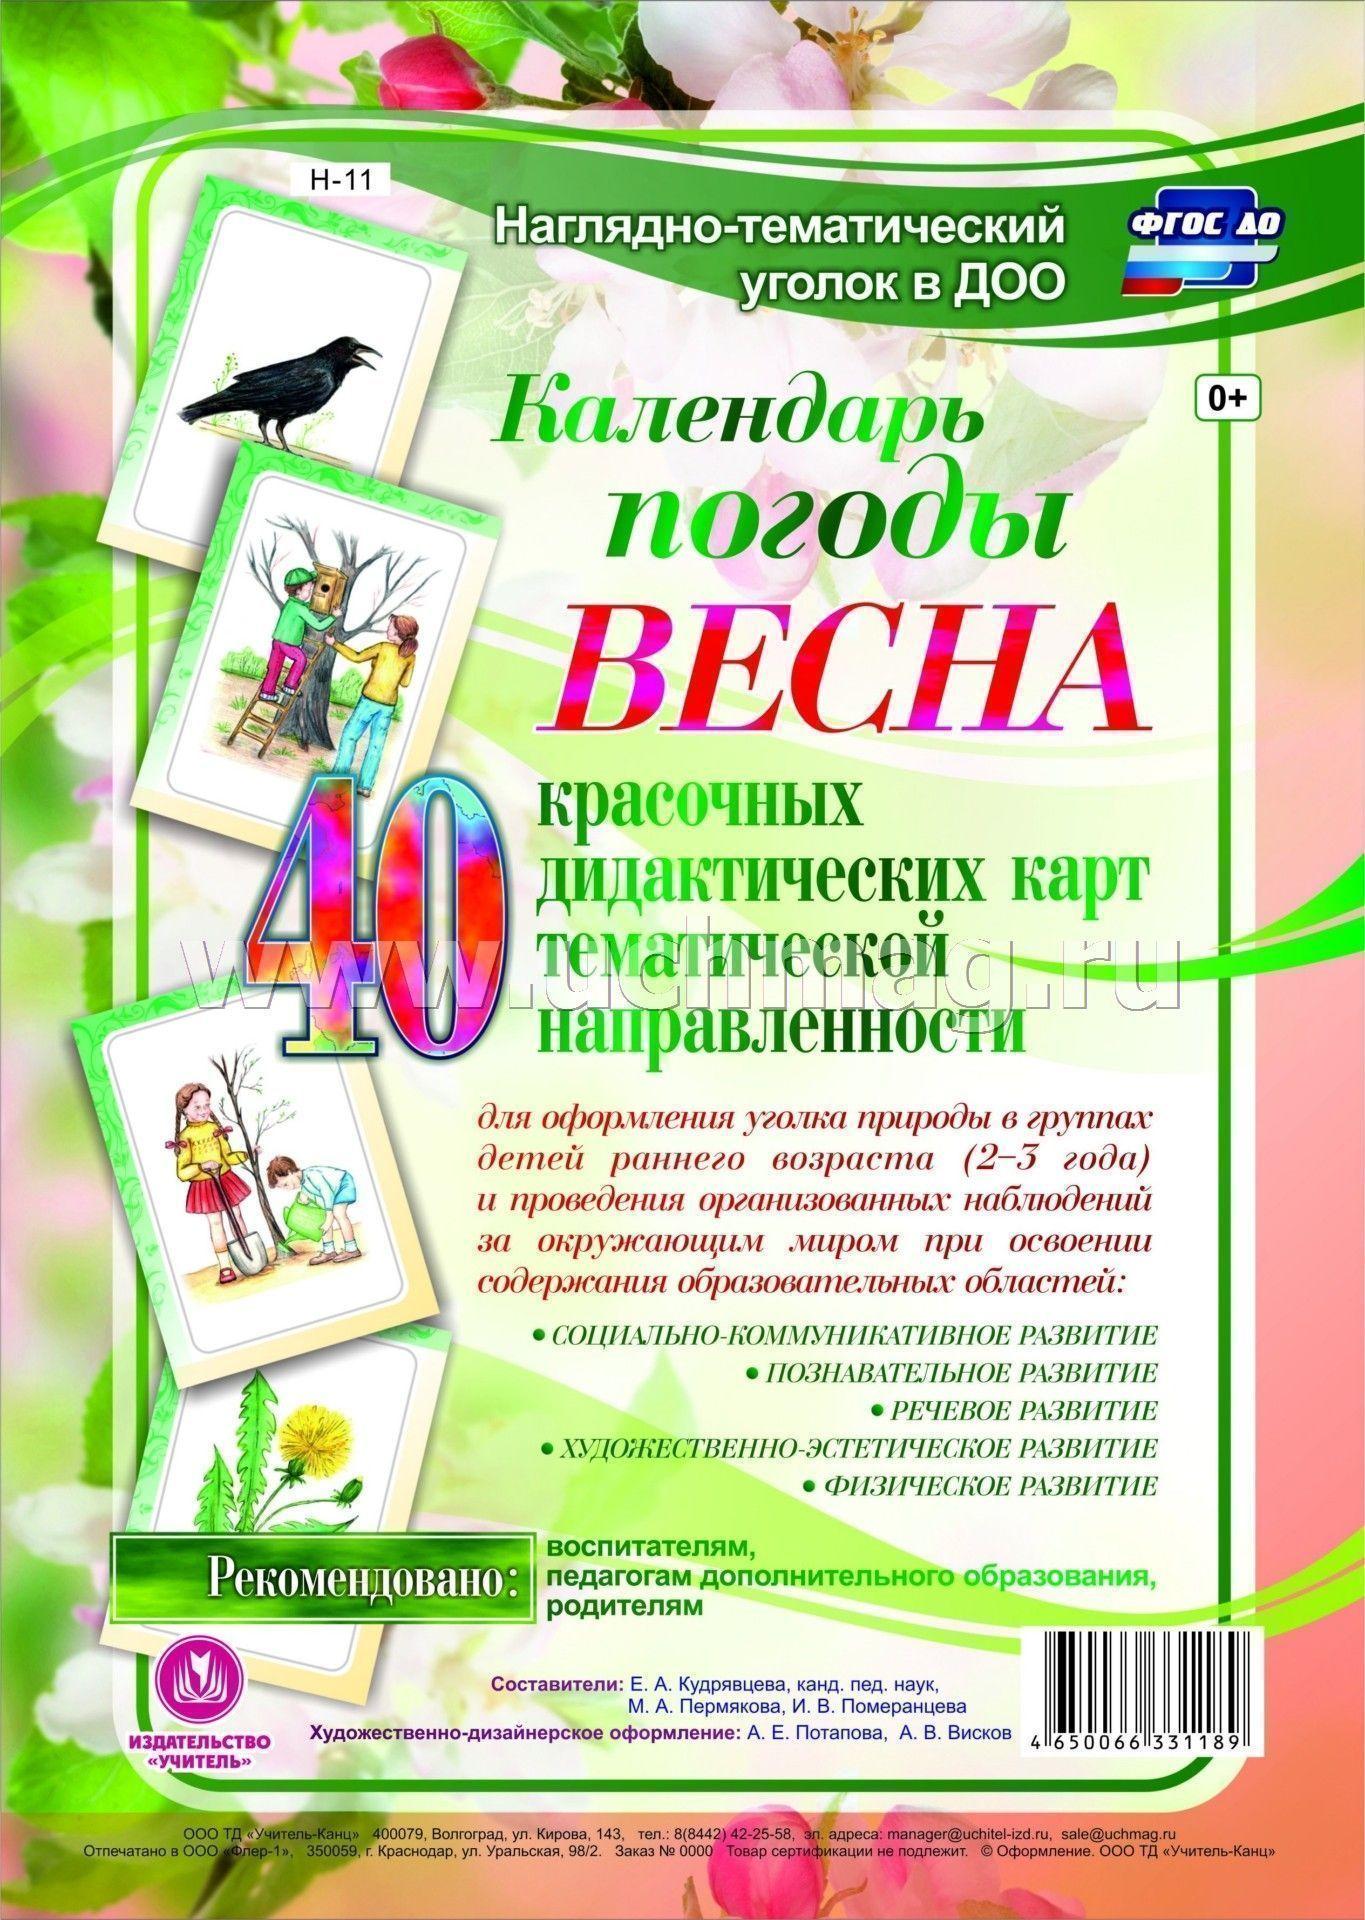 Прогноз погоды в москве на четверг и пятницу